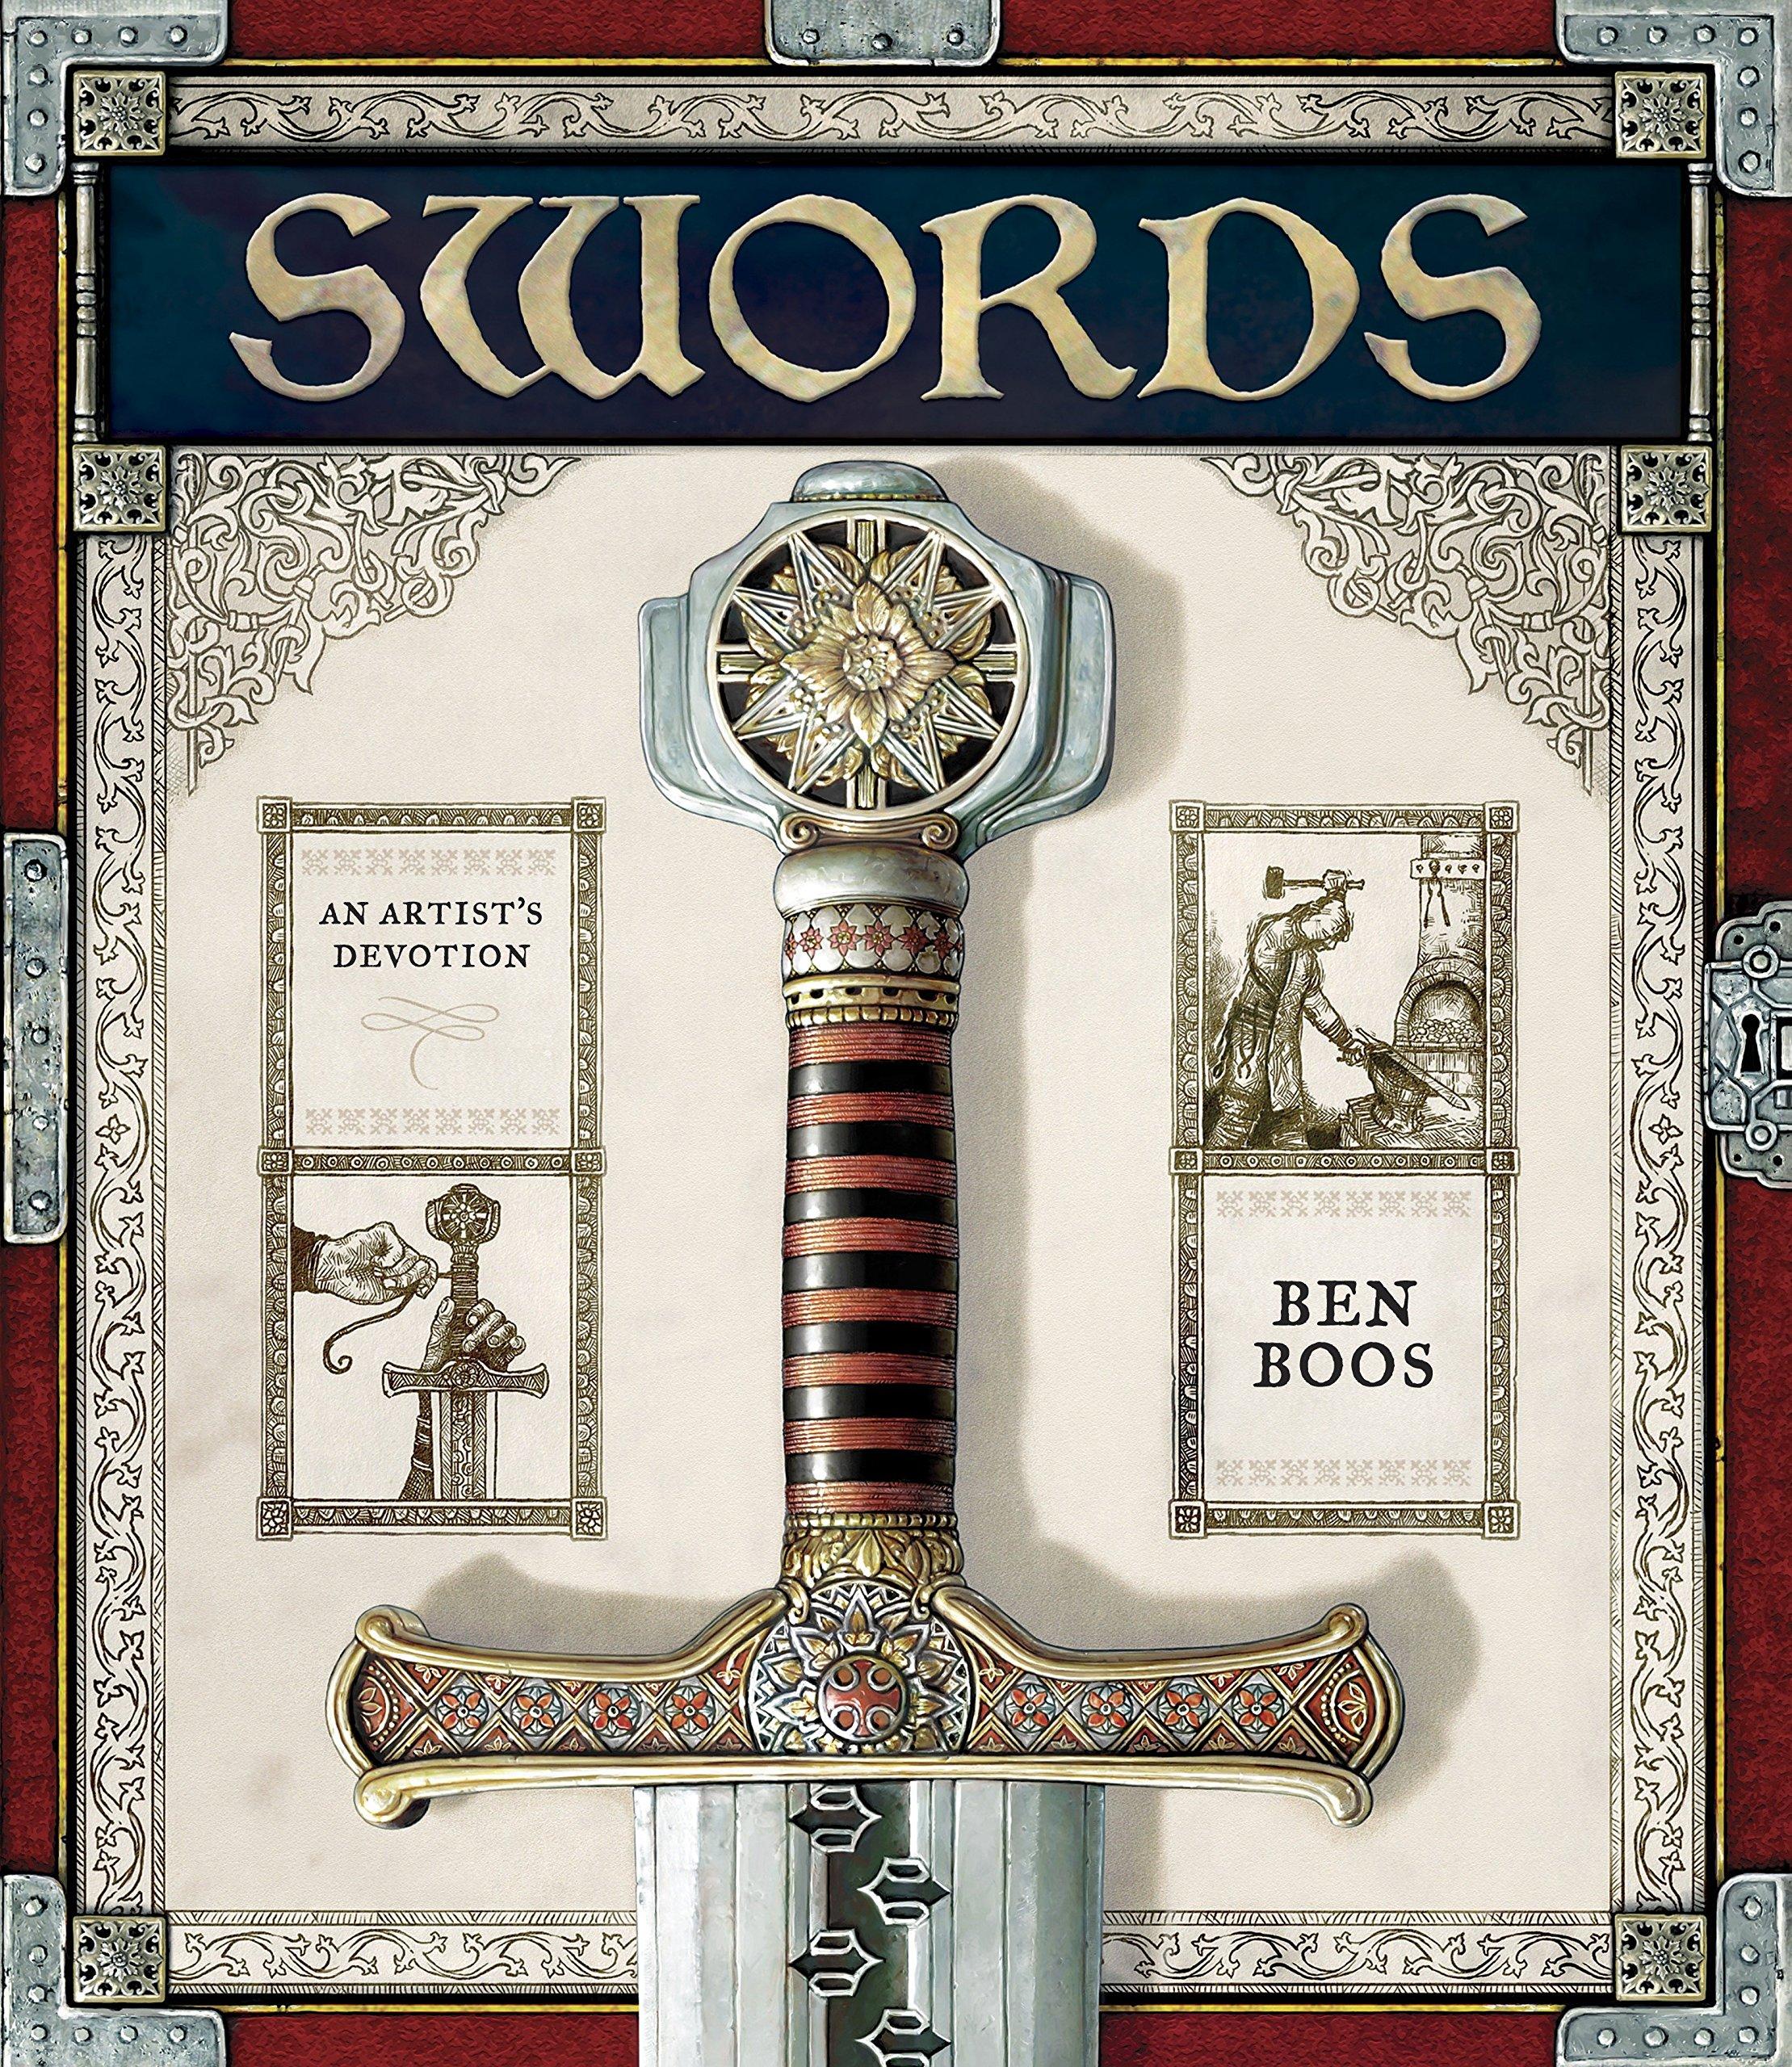 Swords: An Artist's Devotion